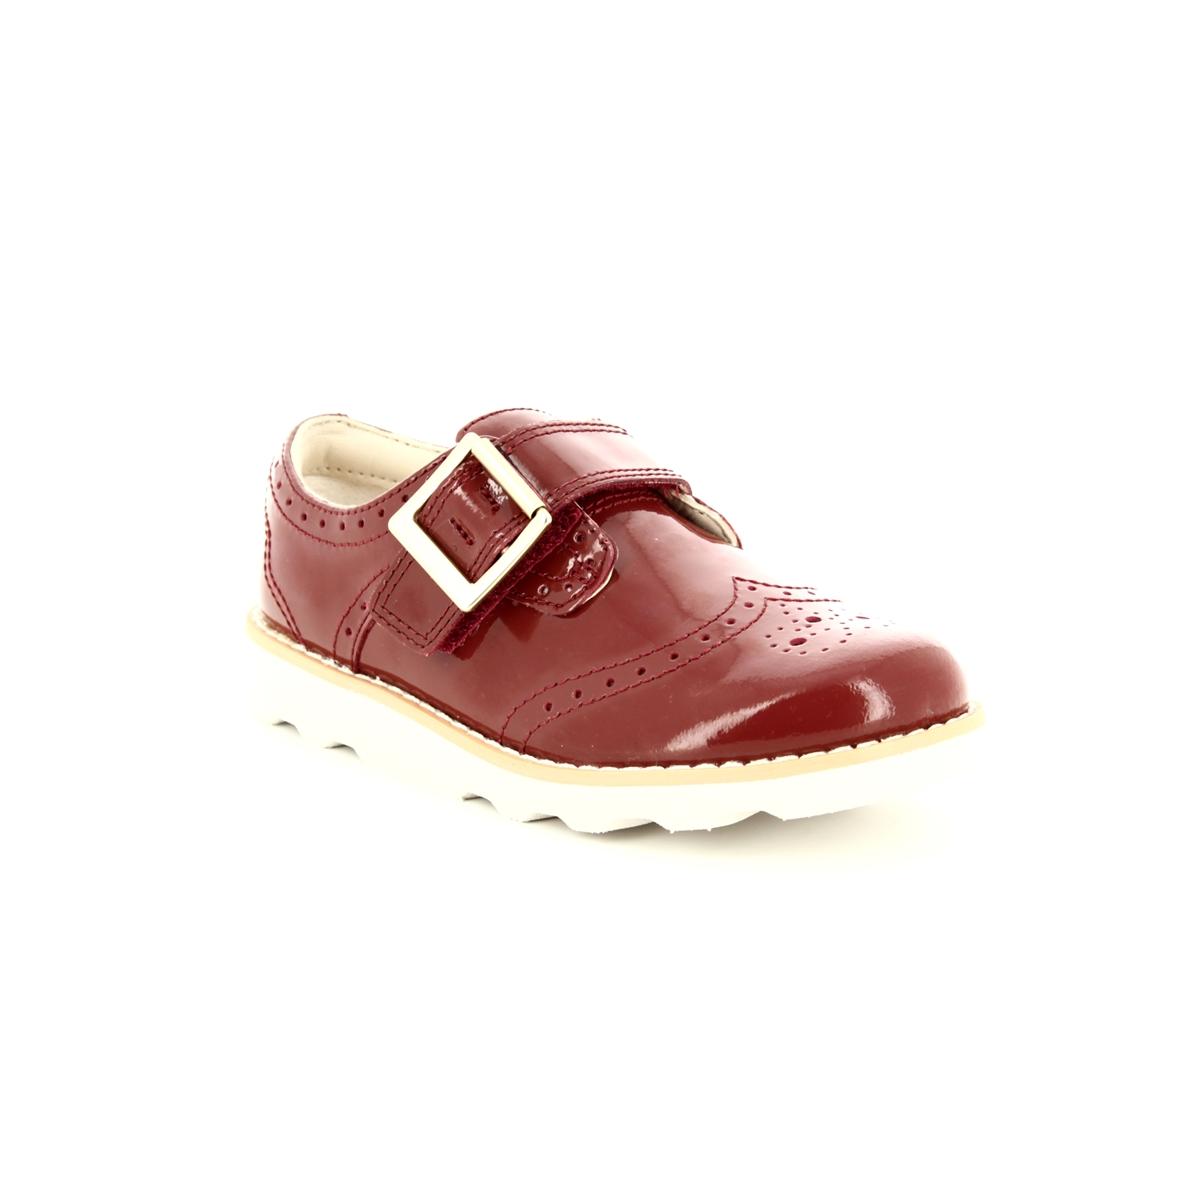 c31bdad7566 Clarks First Shoes - Orange patent - 3578/36F CROWN PRIDE FS